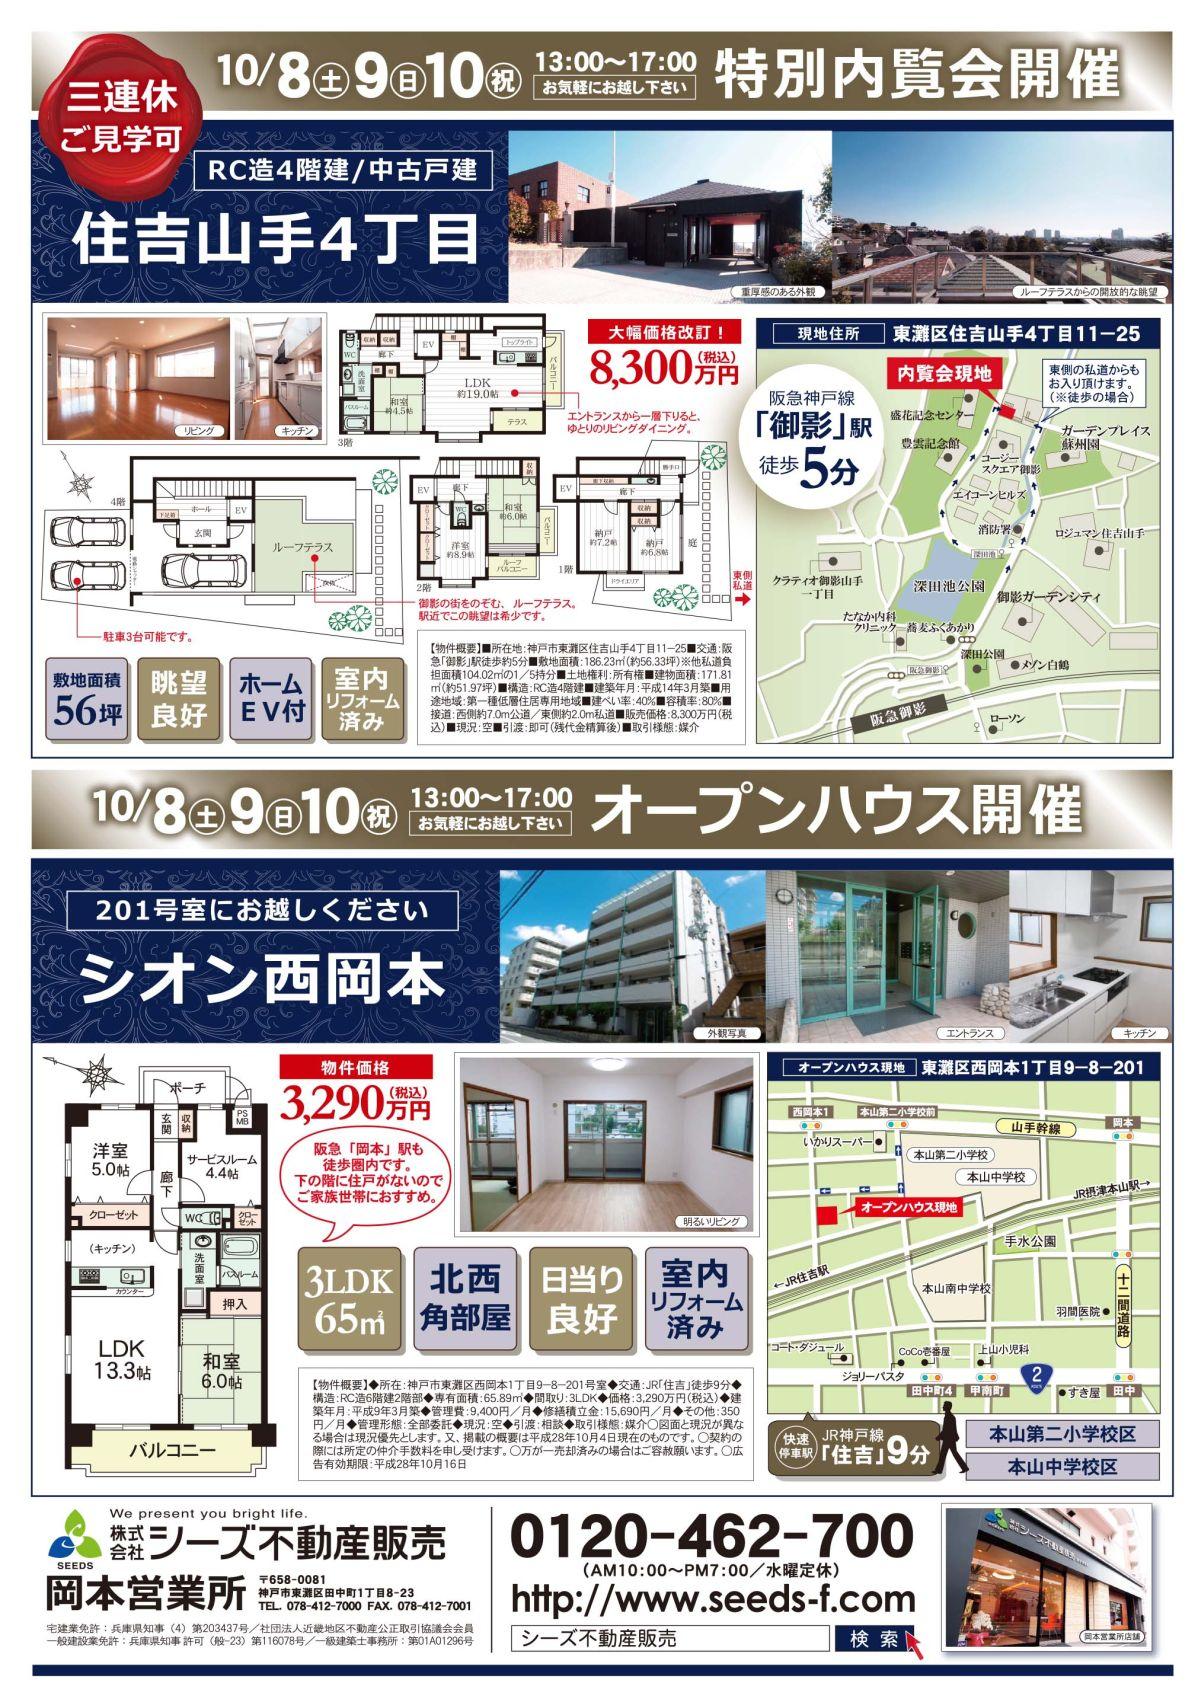 10月8日折込オモテ(住吉山手戸建+シオン西岡本